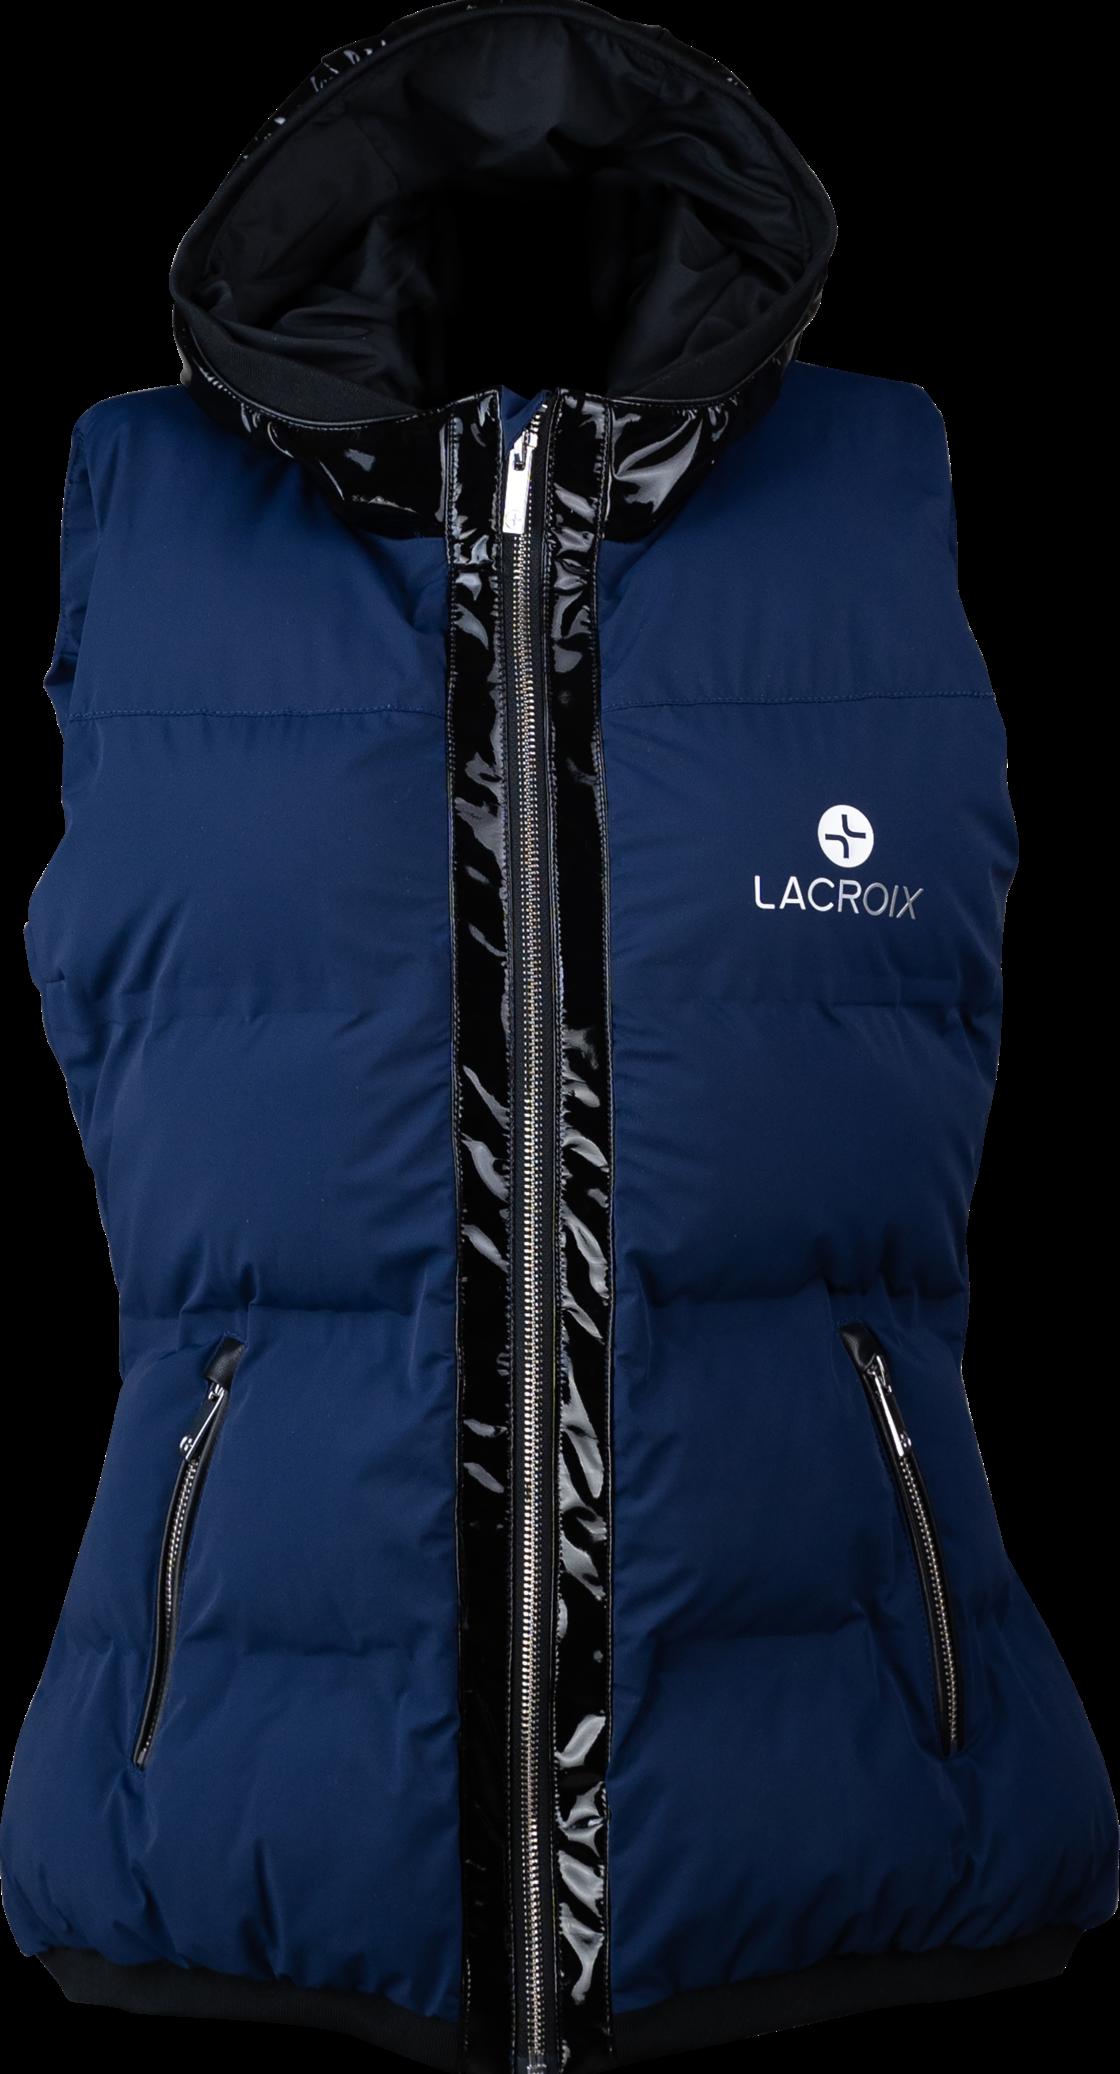 La veste Halley signée Lacroix à 499€ sur lacroix-skis.com